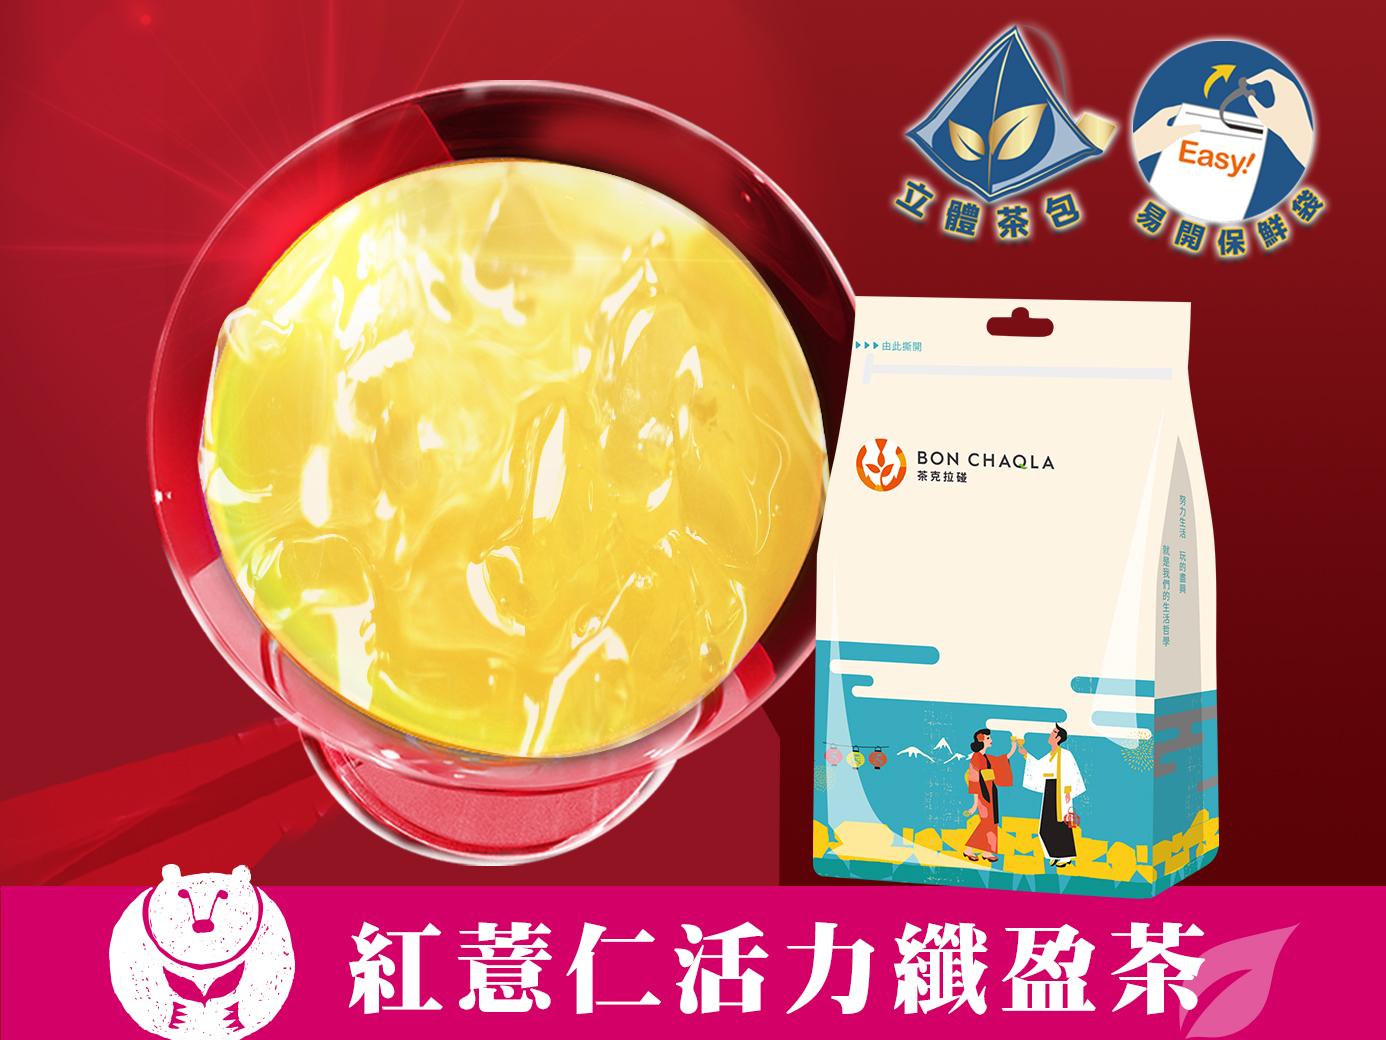 每日照顧 食在纖盈!台灣茶人-紅薏仁活力纖盈茶